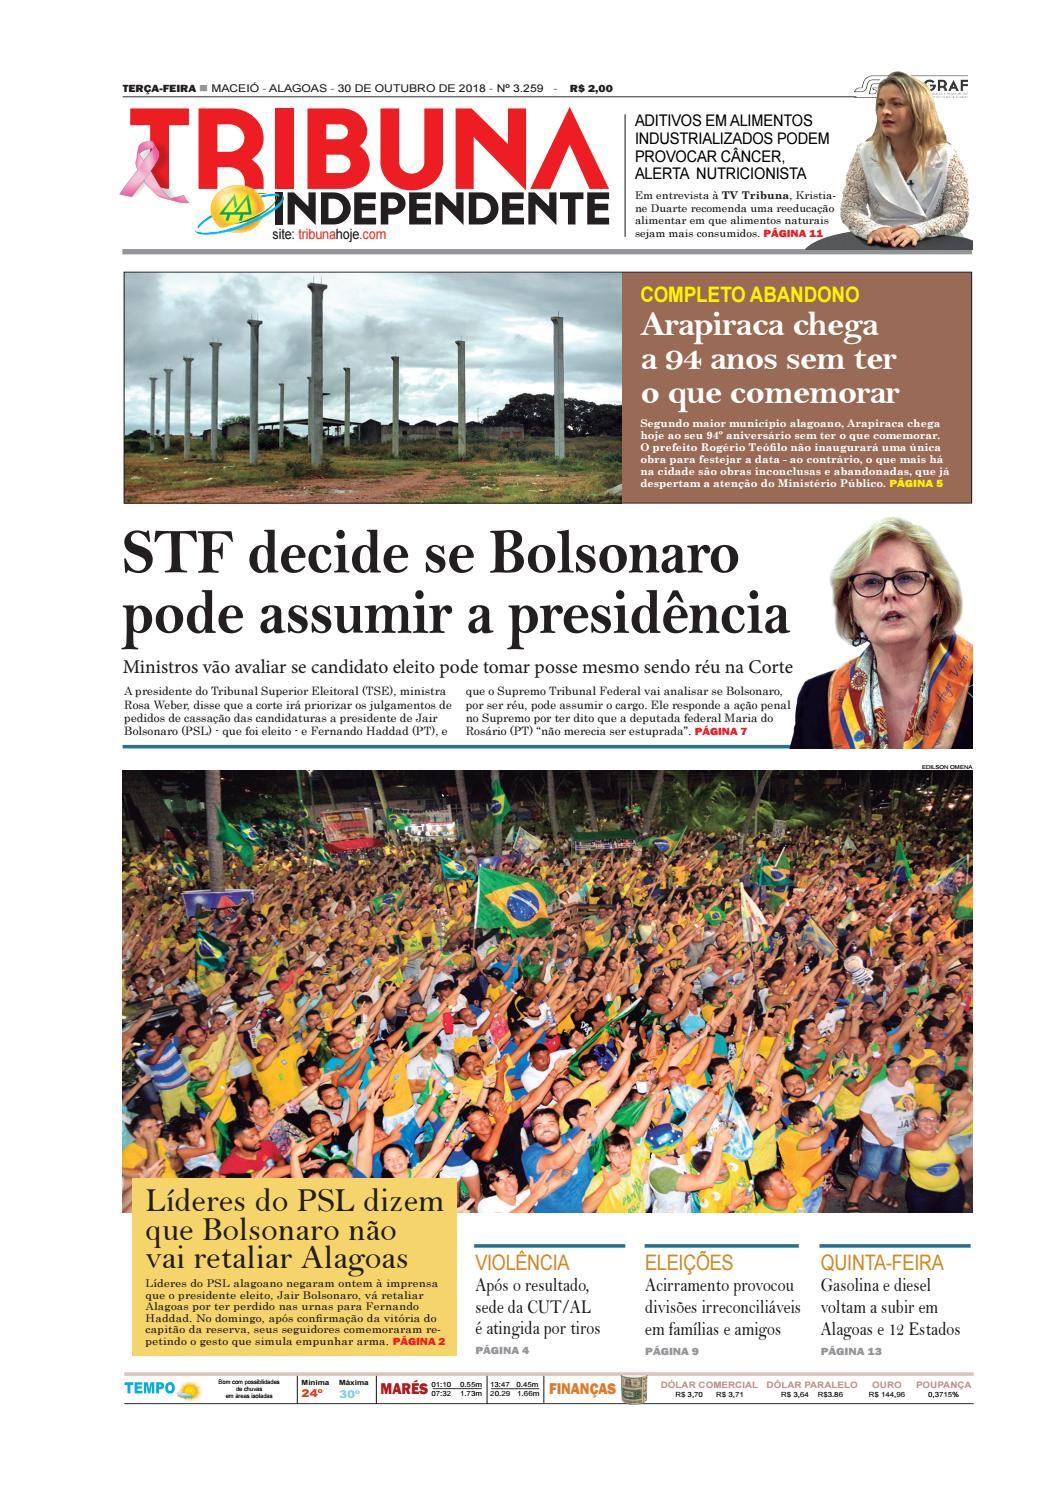 920ed56b04 Edição número 3259 - 30 de outubro de 2018 by Tribuna Hoje - issuu